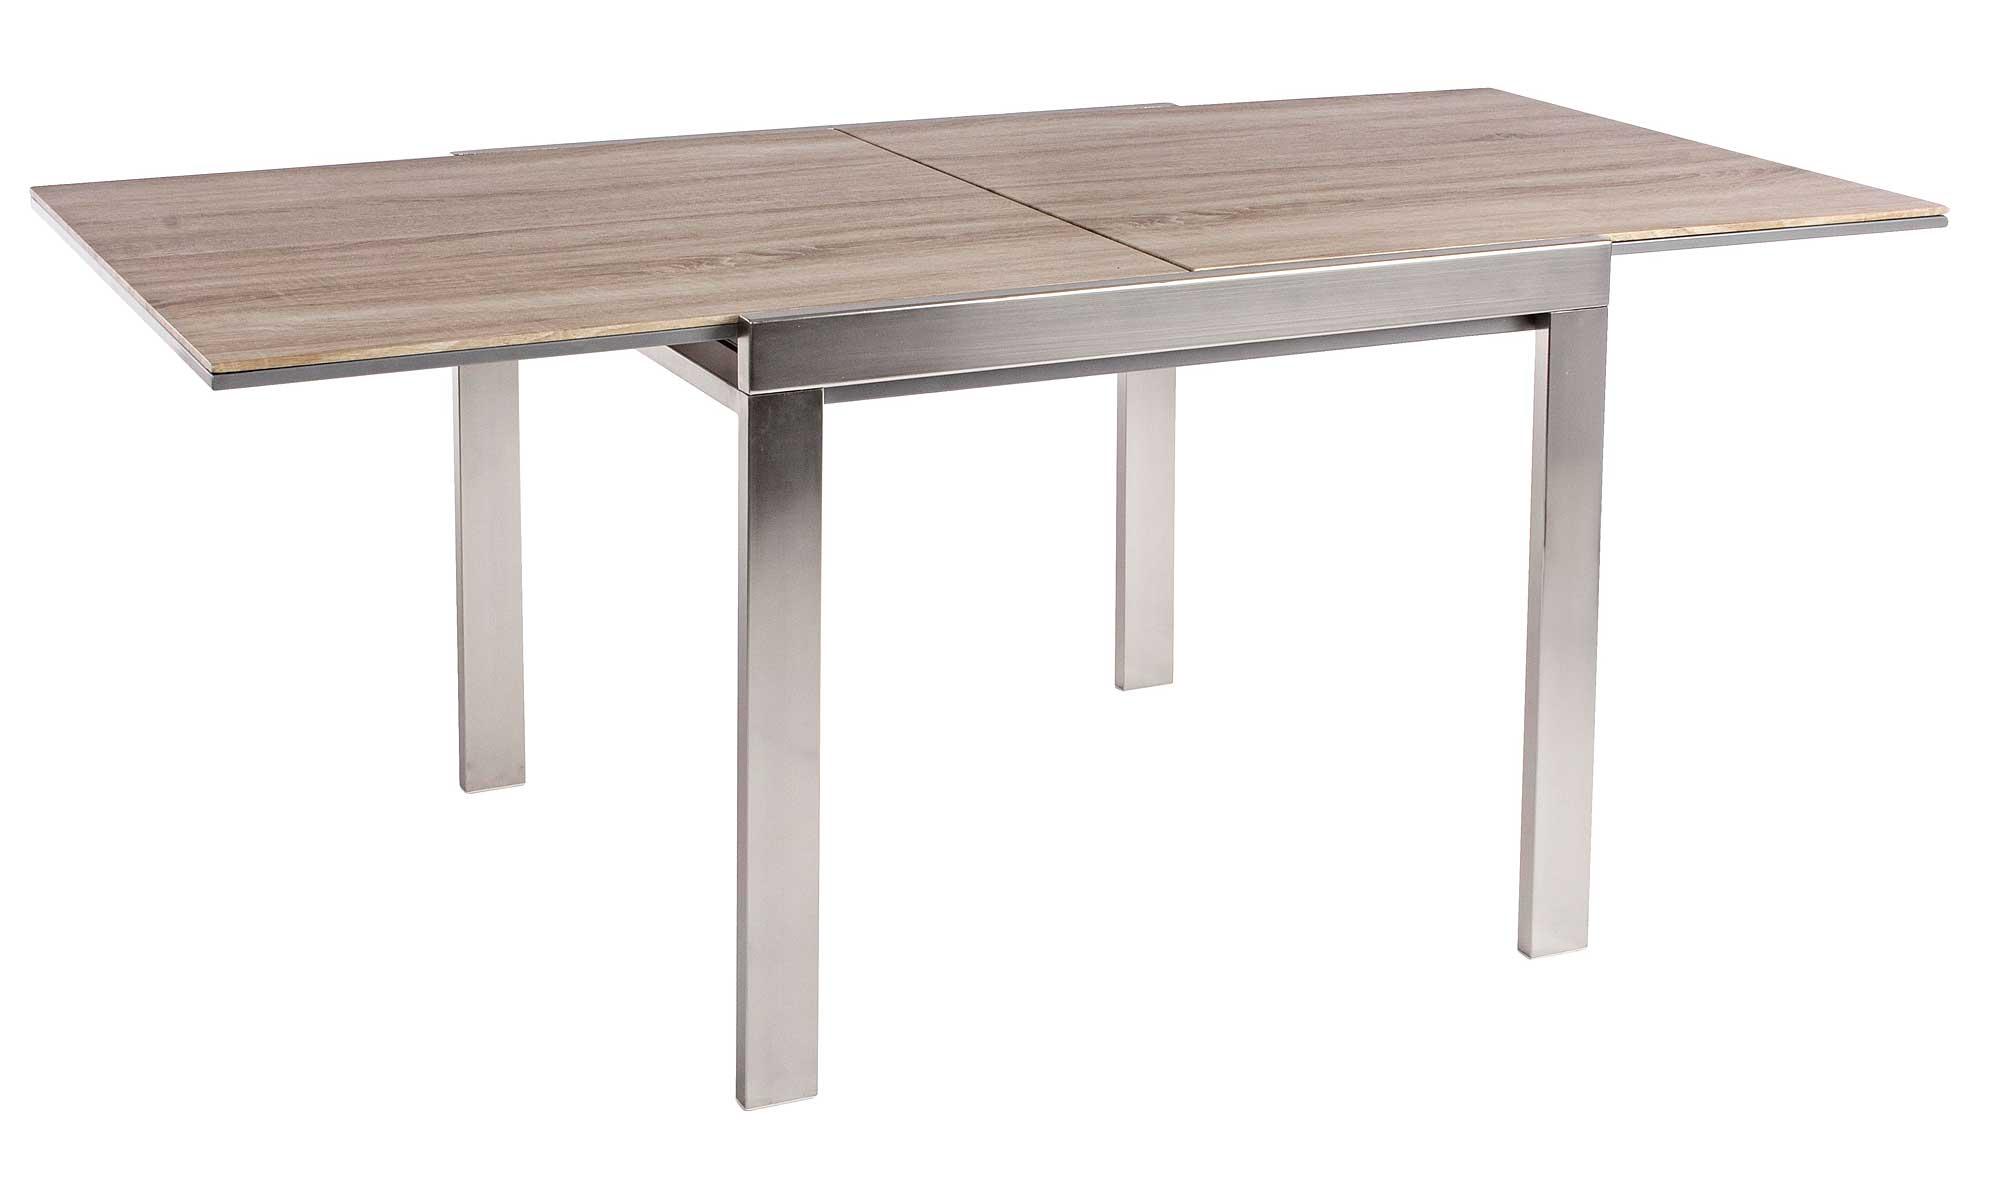 Mesa de comedor extensible moderna tavolo torino no - Mesas comedor modernas extensibles ...